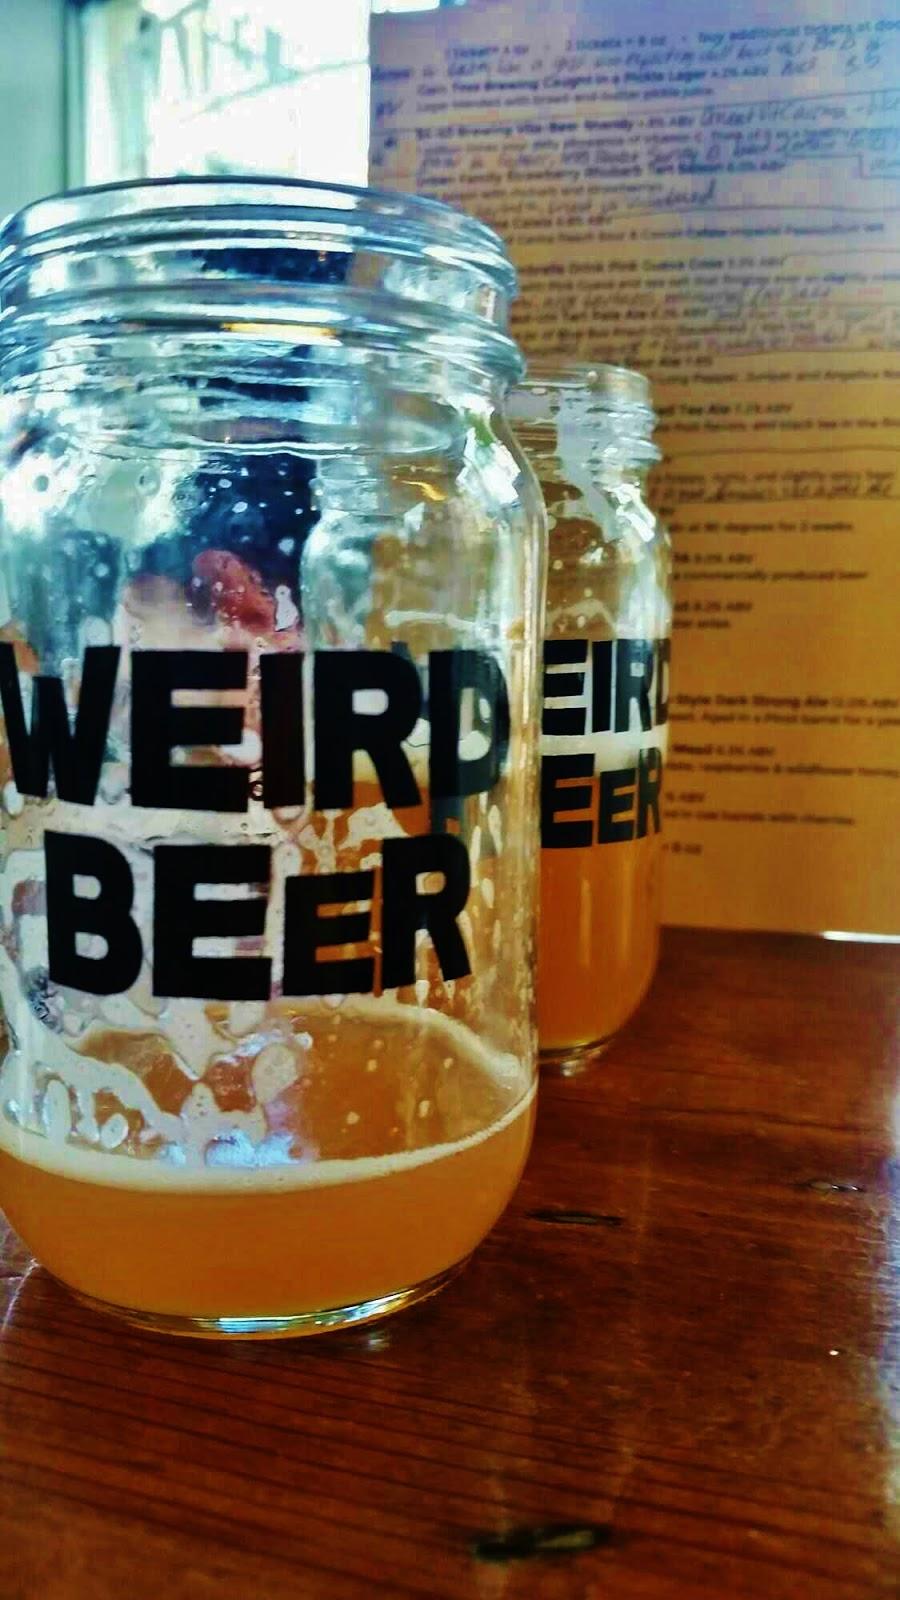 This Is The Beer We Drink Beer Tagline